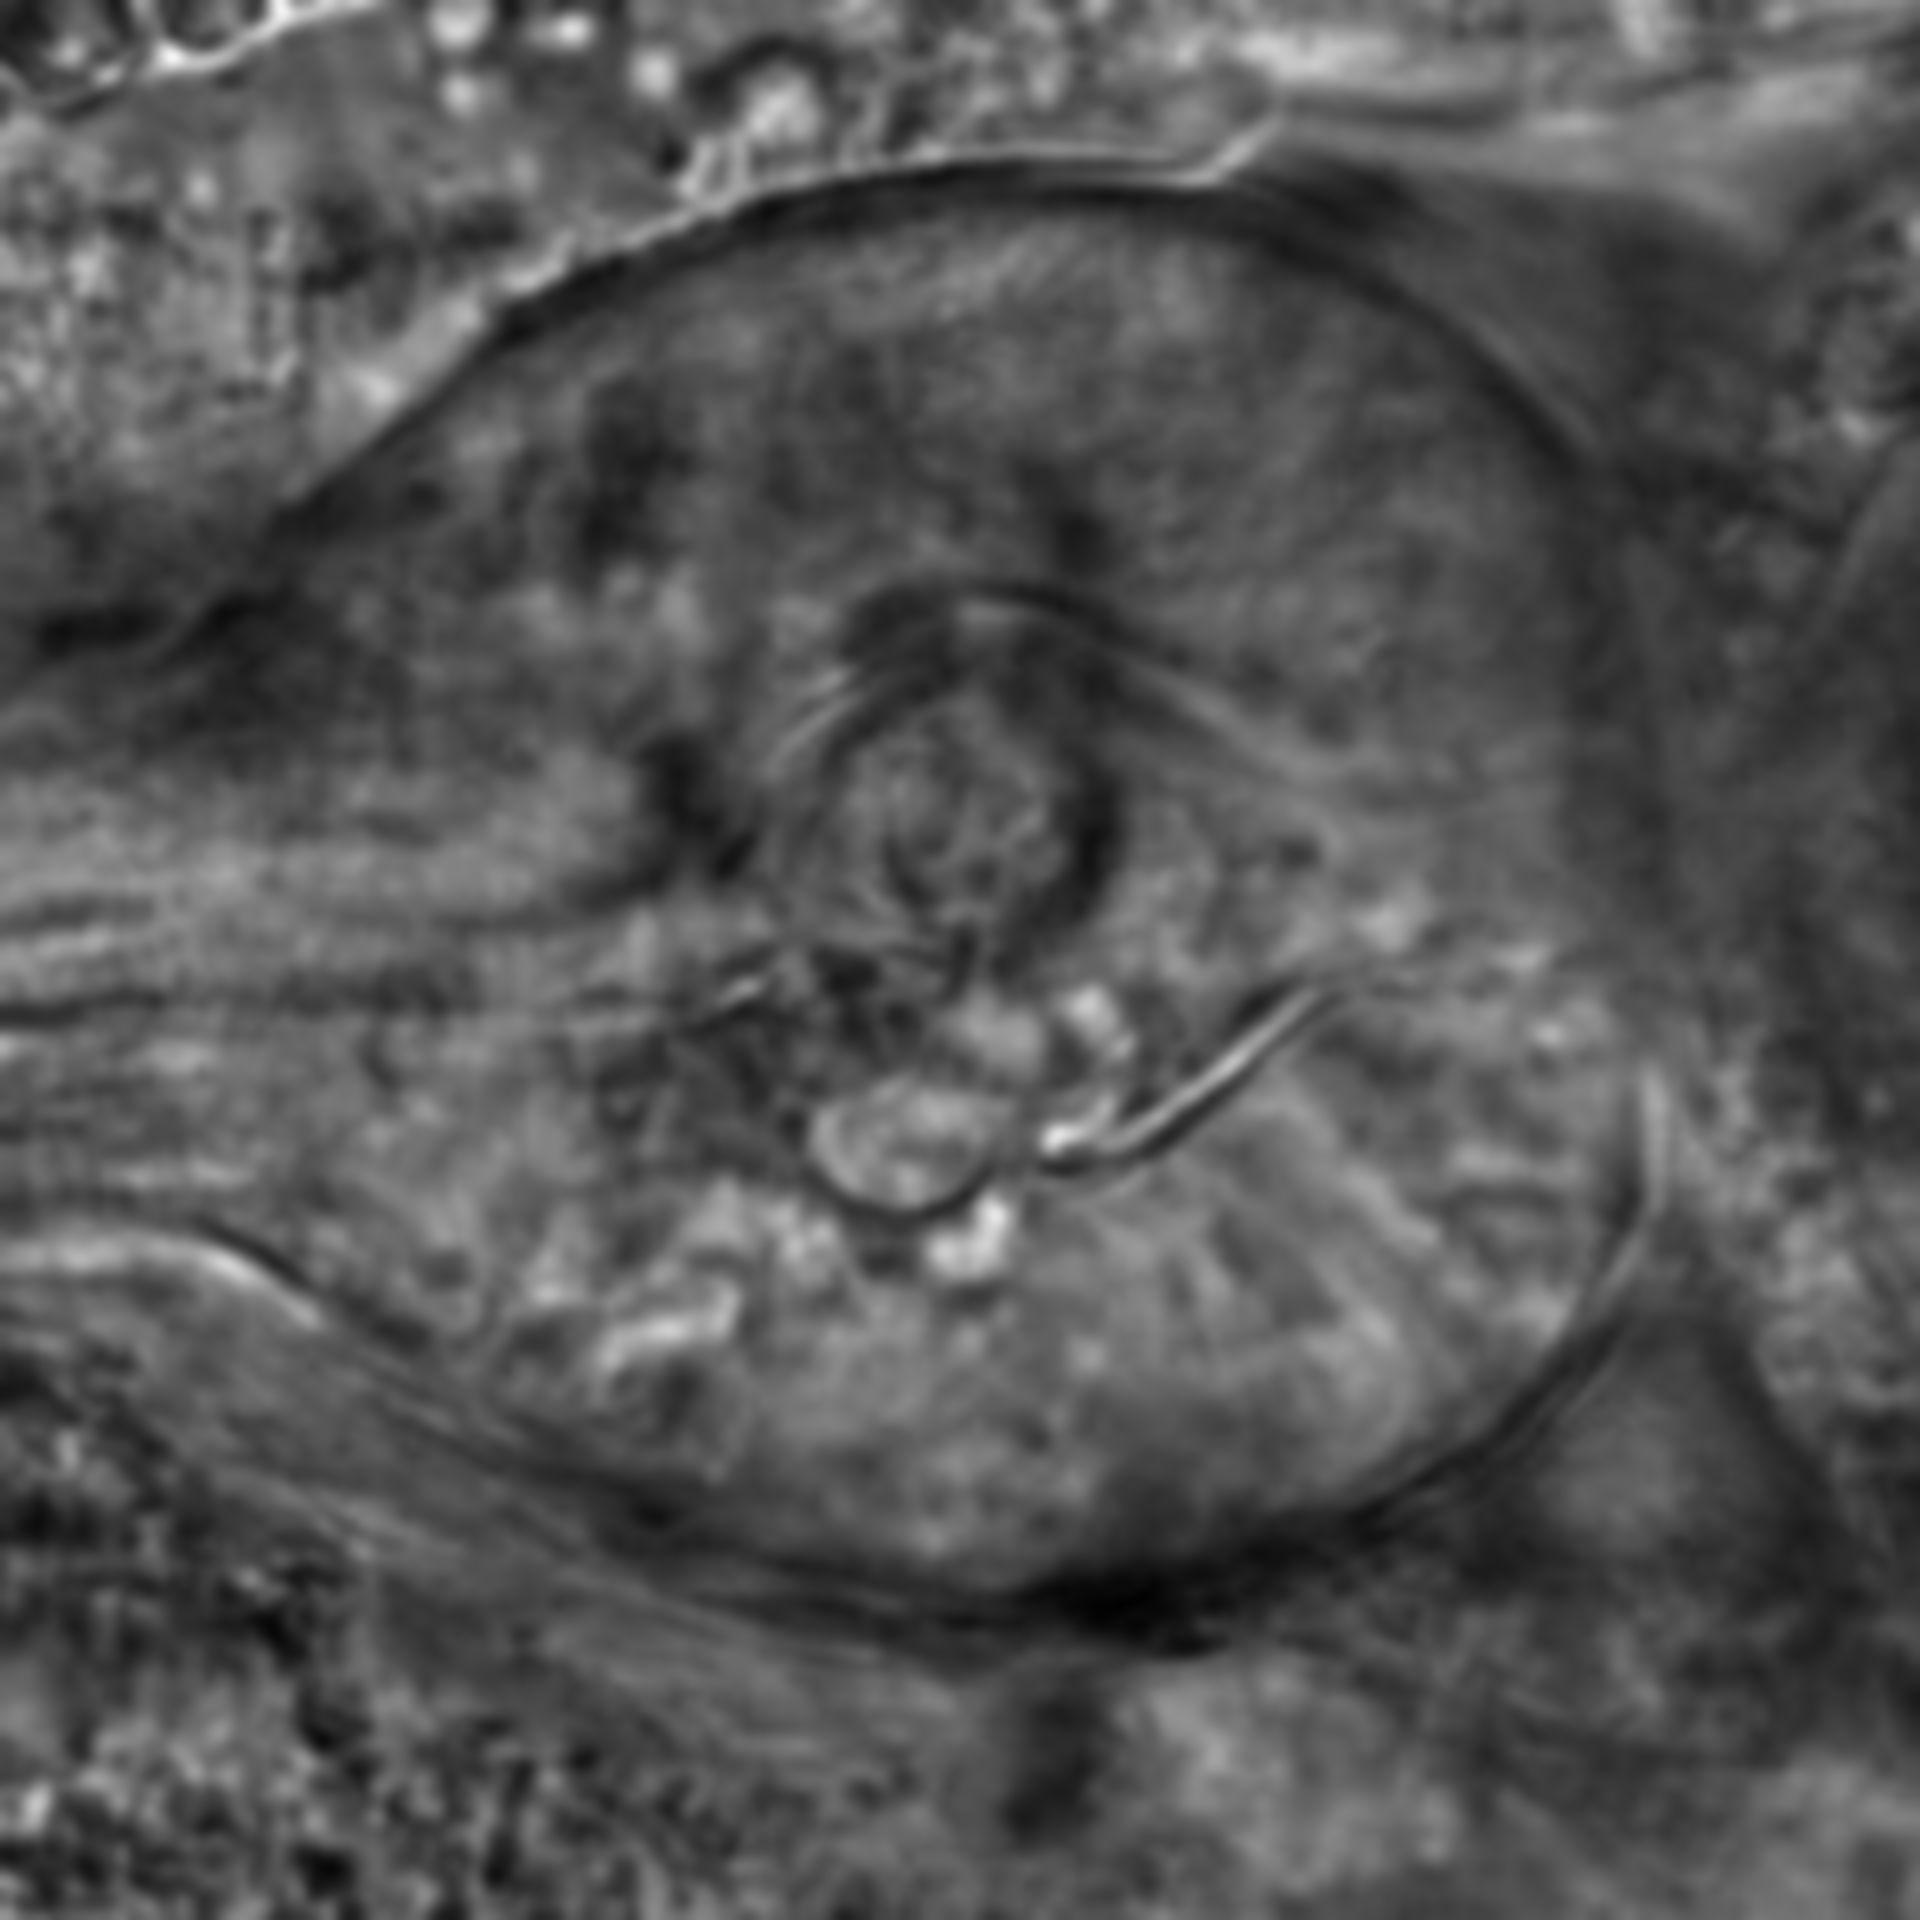 Caenorhabditis elegans - CIL:2772